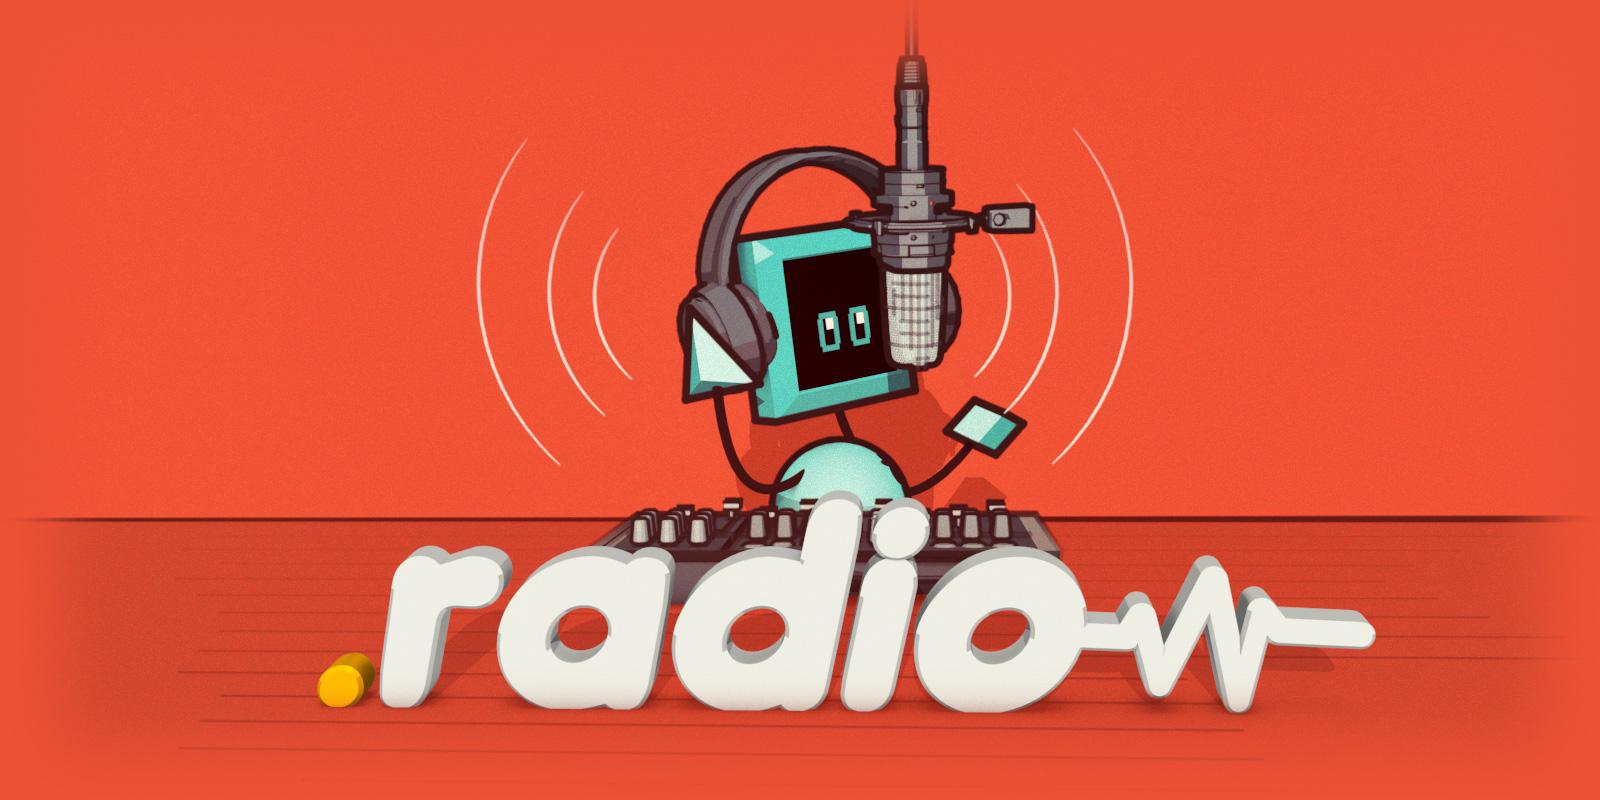 广播界的专用域名 .radio 进入日升期